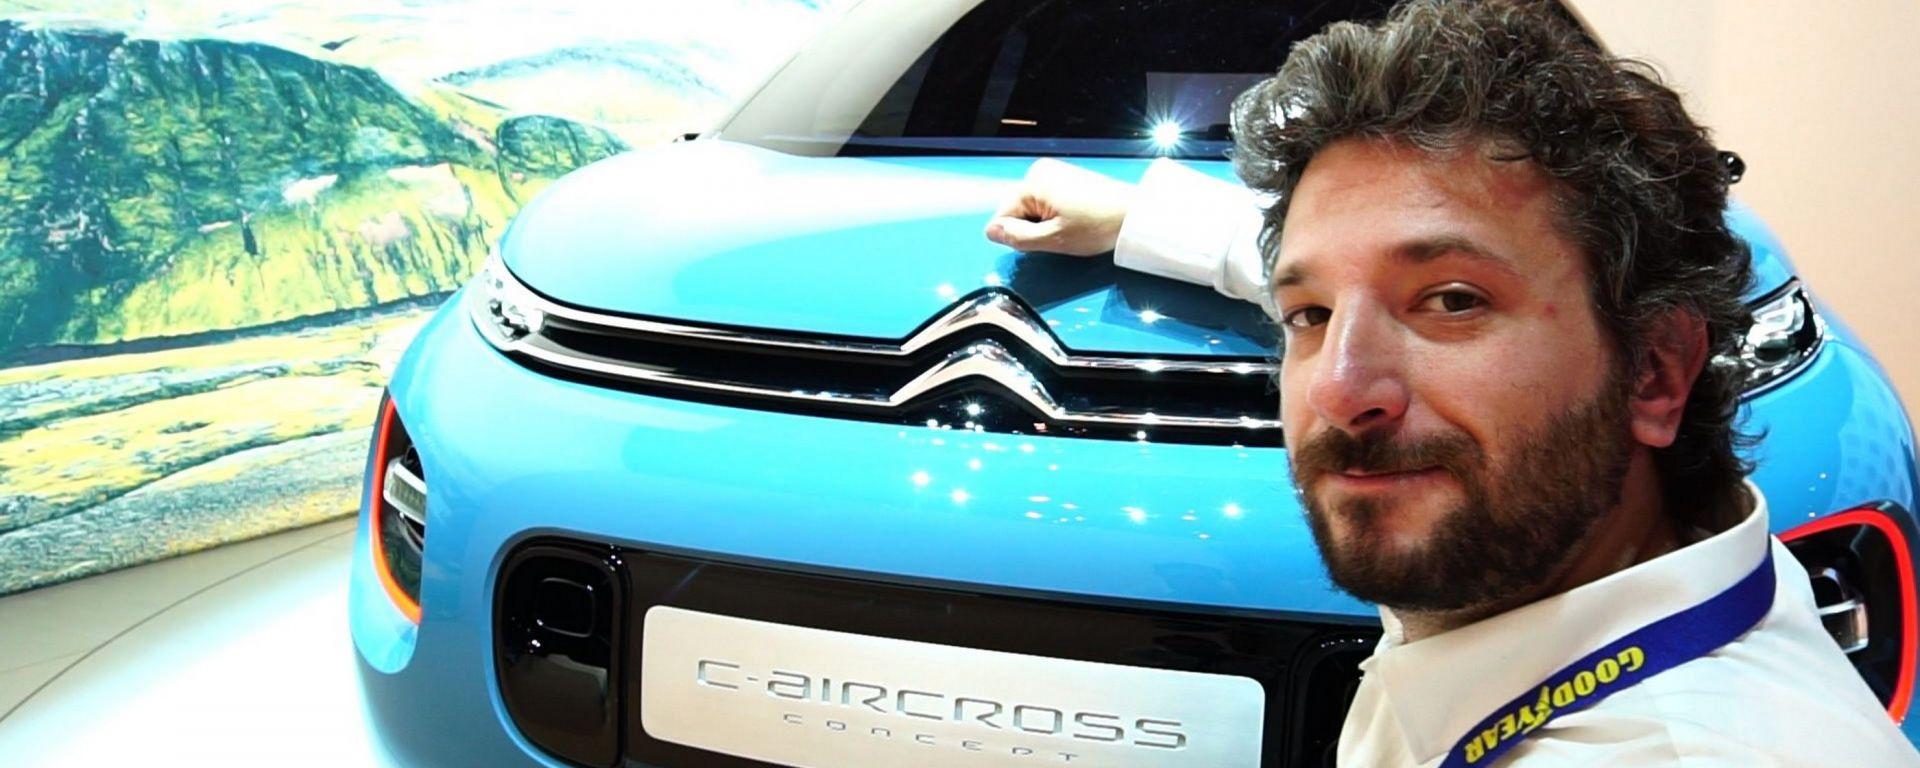 Citroen C-Aircross, salone di Ginevra 2017, anteprima dallo stand